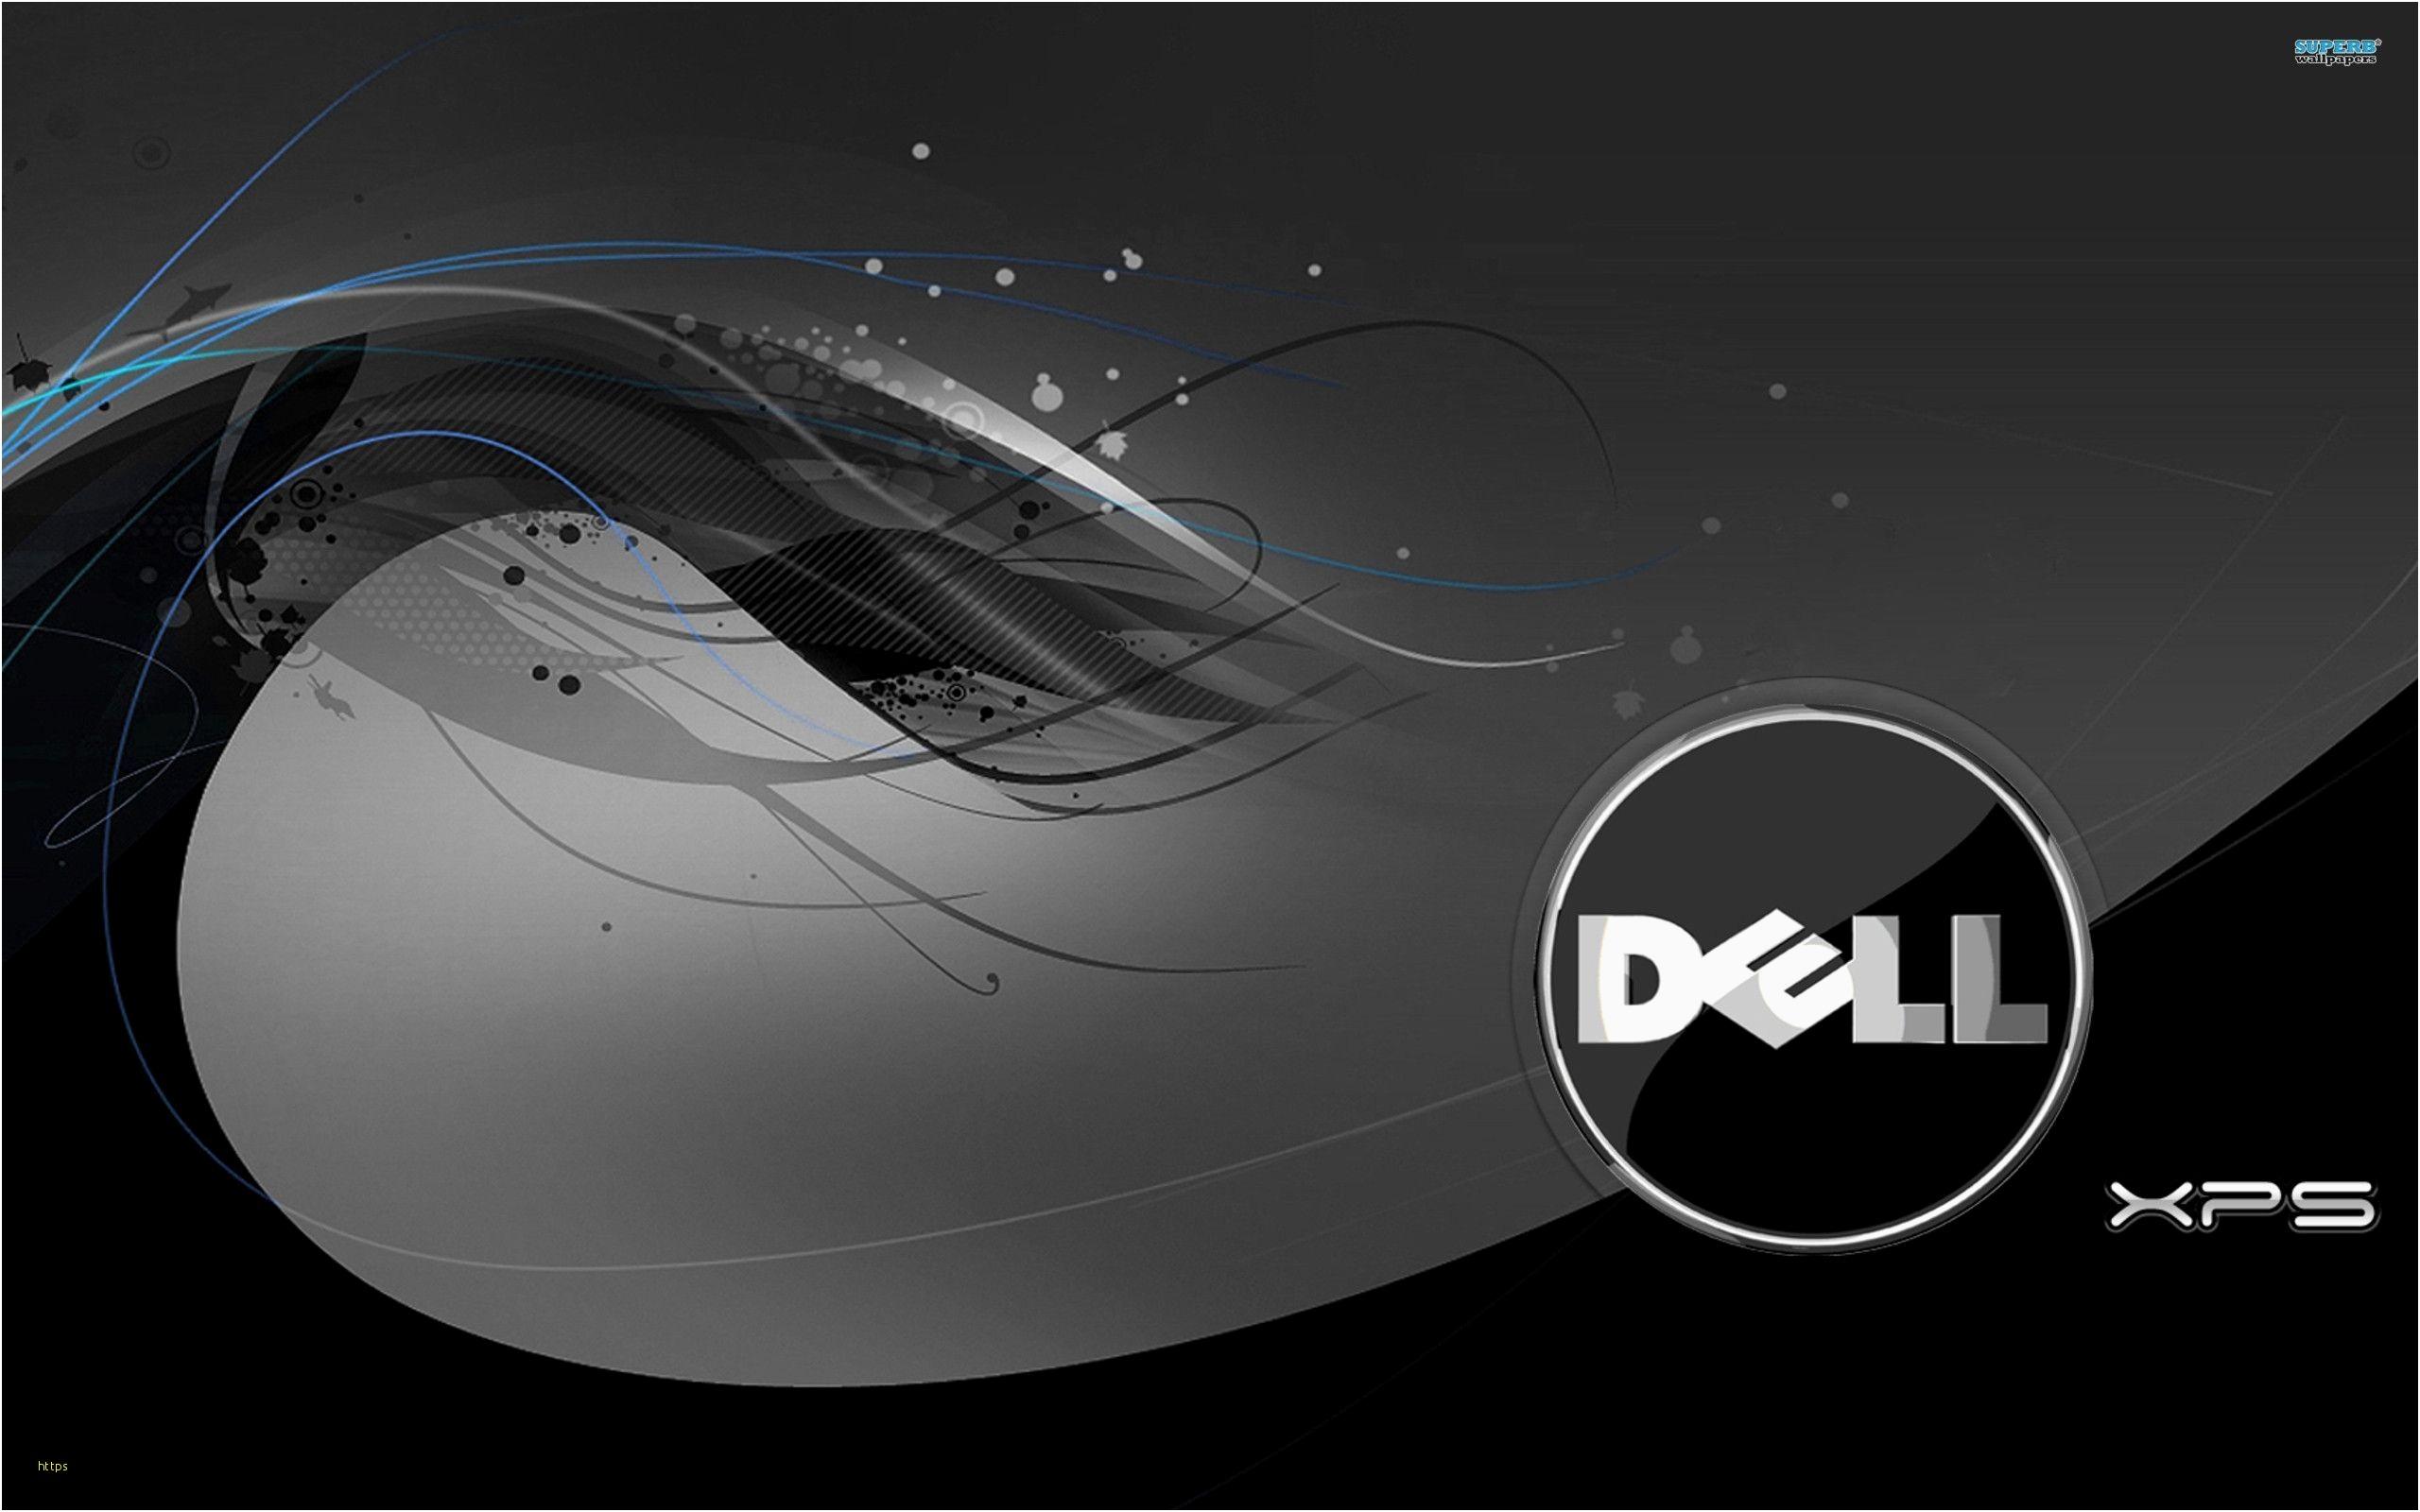 Windows 7 Hd Wallpaper Best Of Dell Desktop Backgrounds   Dell 2560x1600